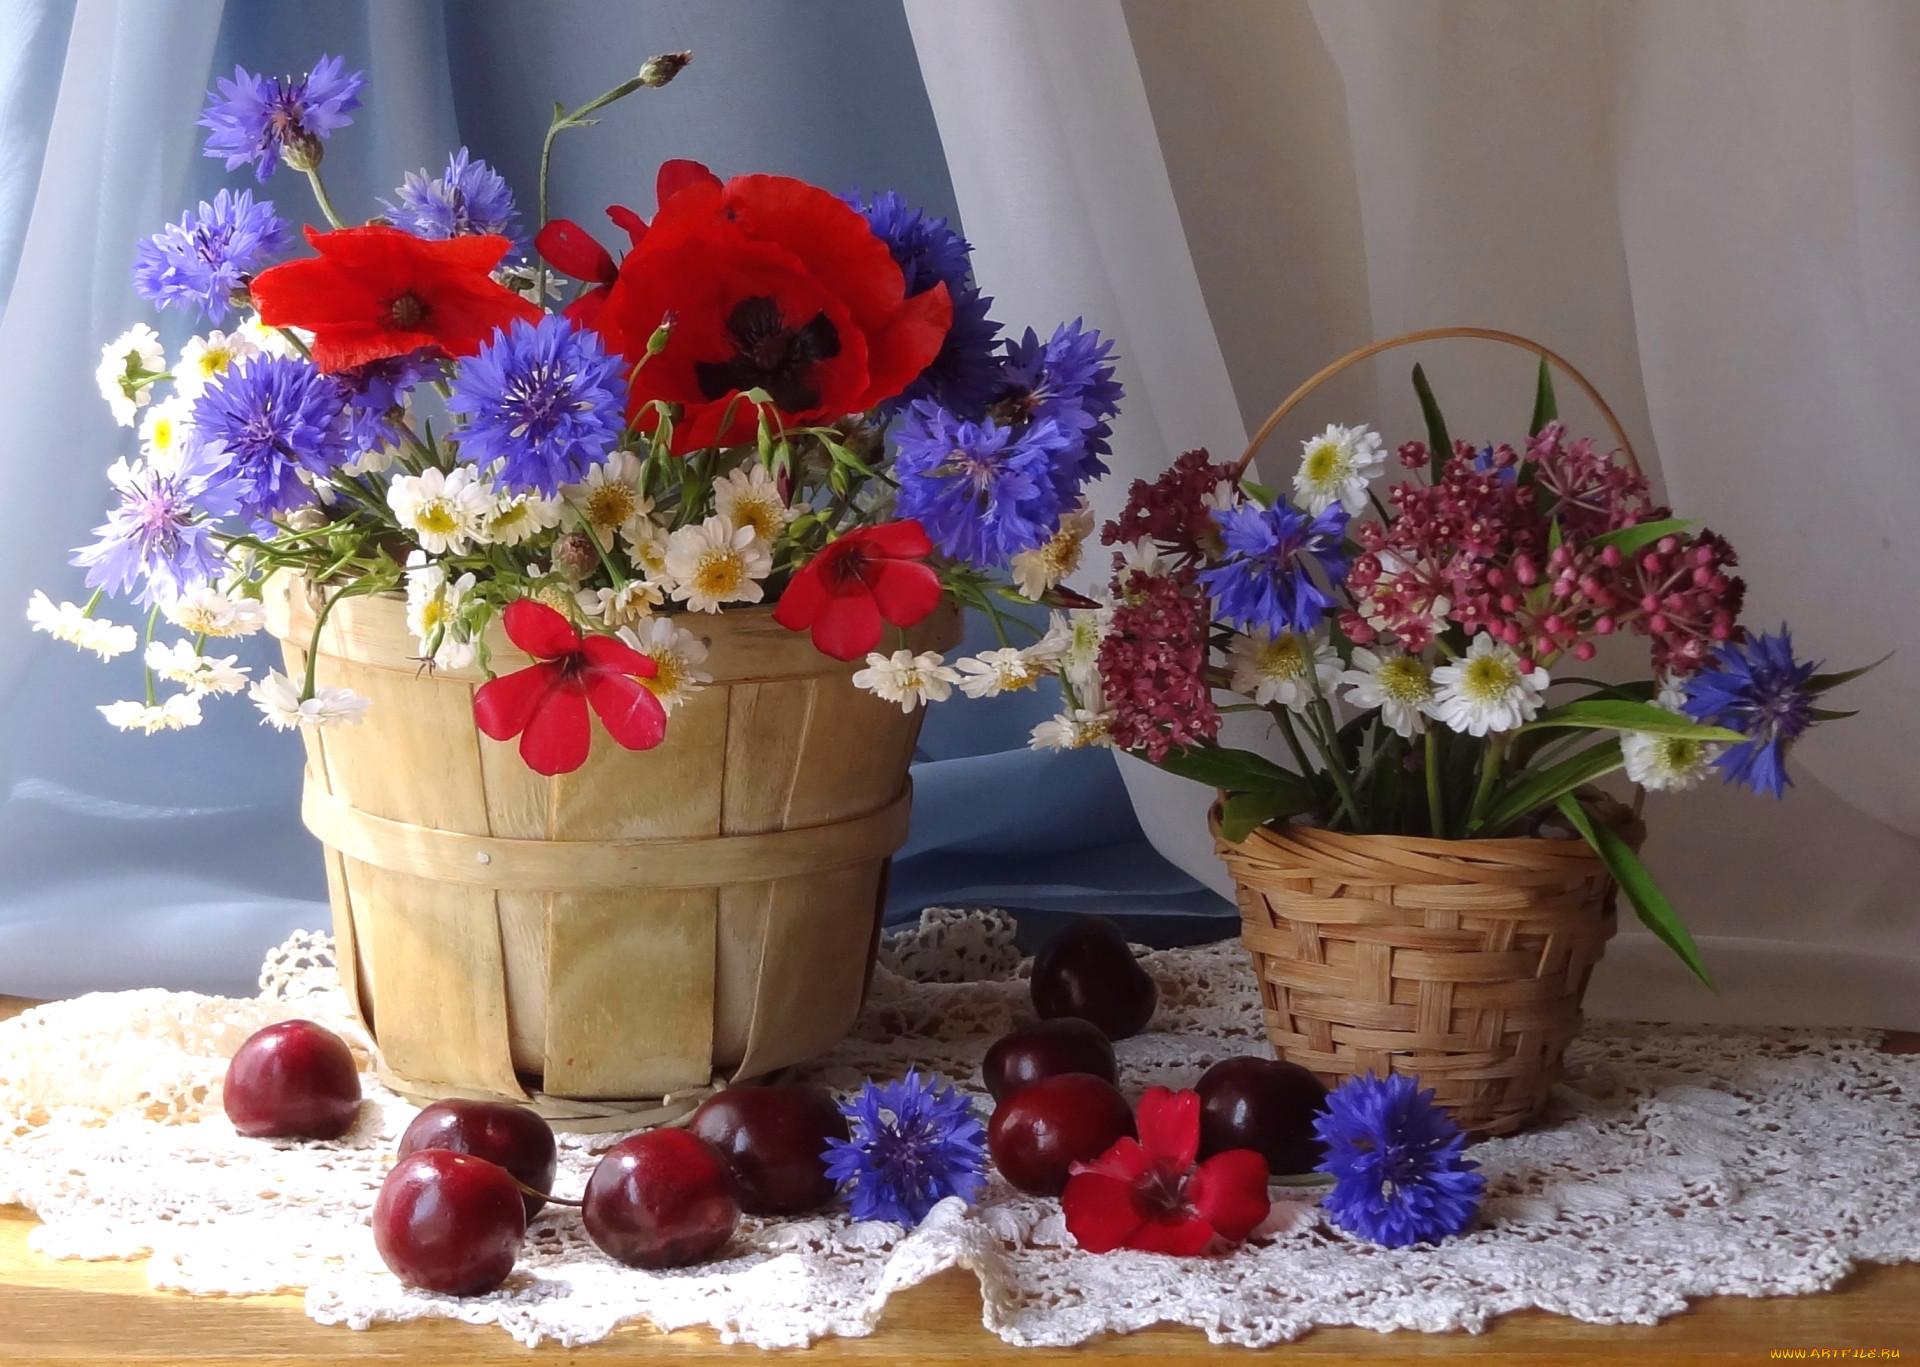 картинки с полевыми цветами и ягодами пчелы